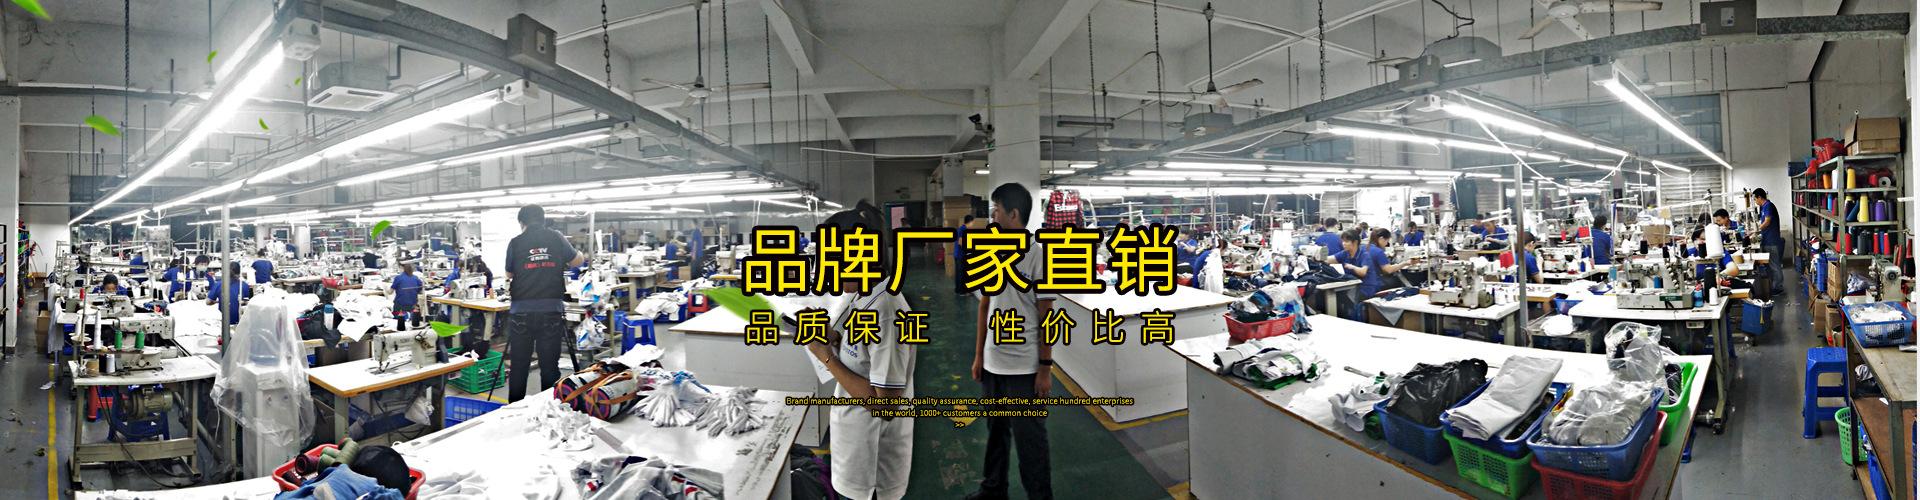 运动t恤定制厂家